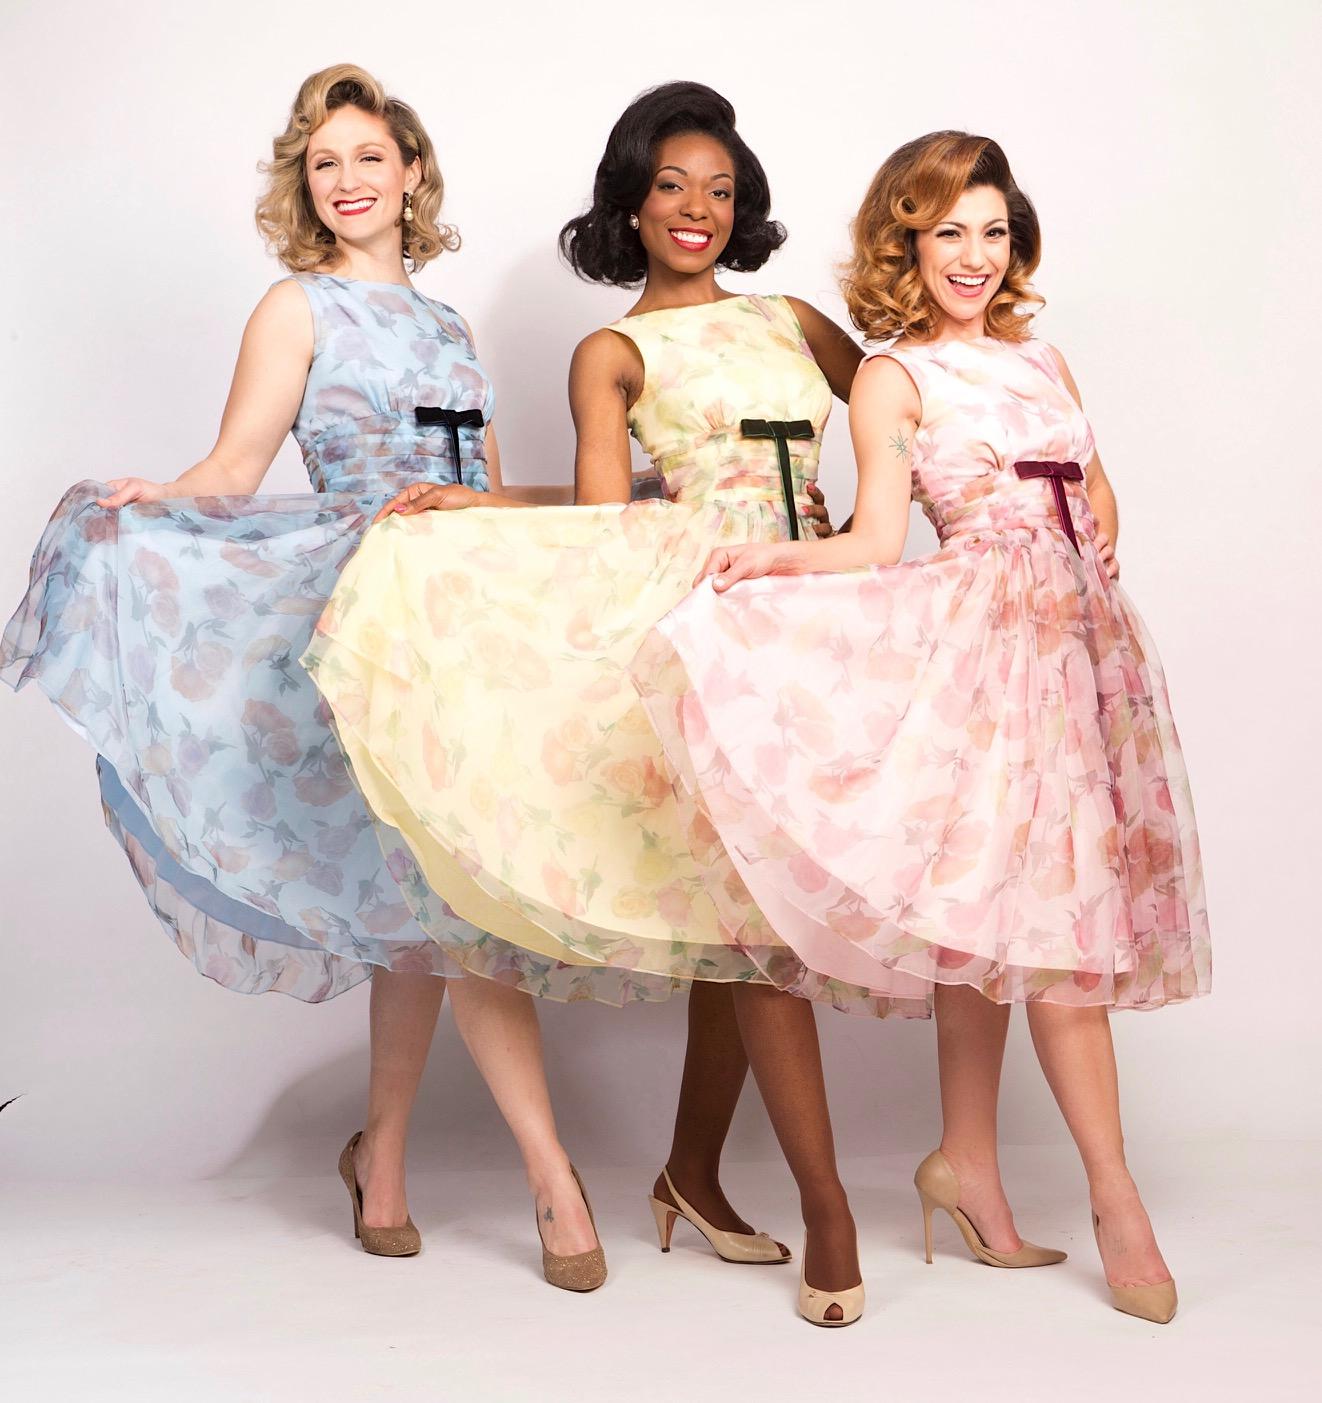 girlspresenting-dress